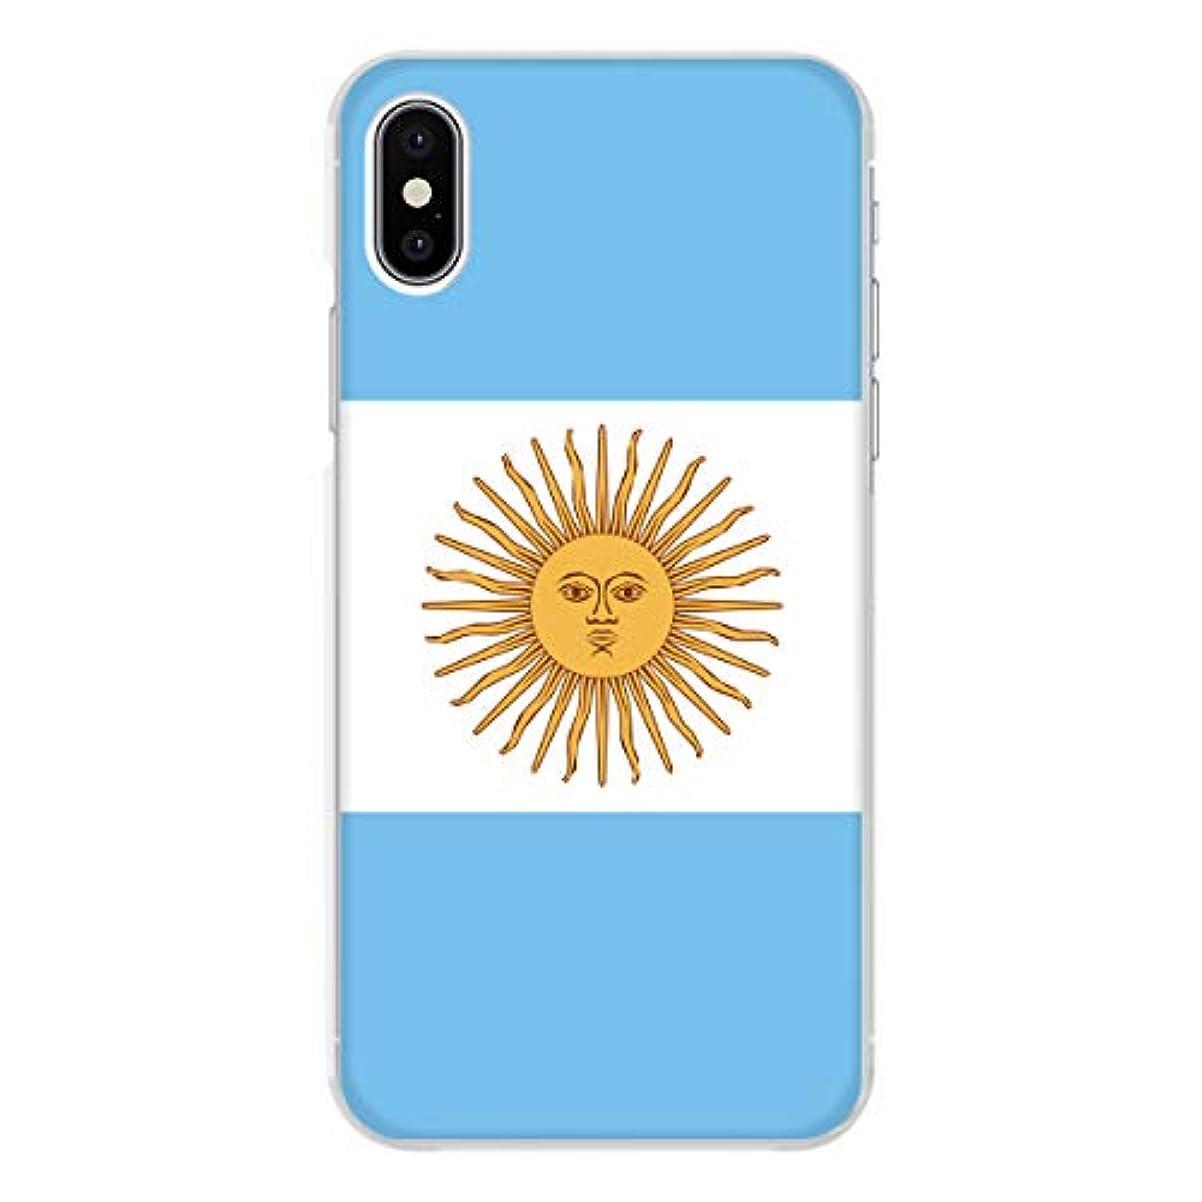 マエストロファランクス混合したXperia Z4 SOV31 クリア ケース 薄型 スマホケース スマホカバー sc093(B) アルゼンチン 国旗 ナショナル フラッグ エクスペリア スマートフォン スマートホン 携帯 ケース エクスペリアZ4 ハード プラ ポリカボネイト スマフォ カバー